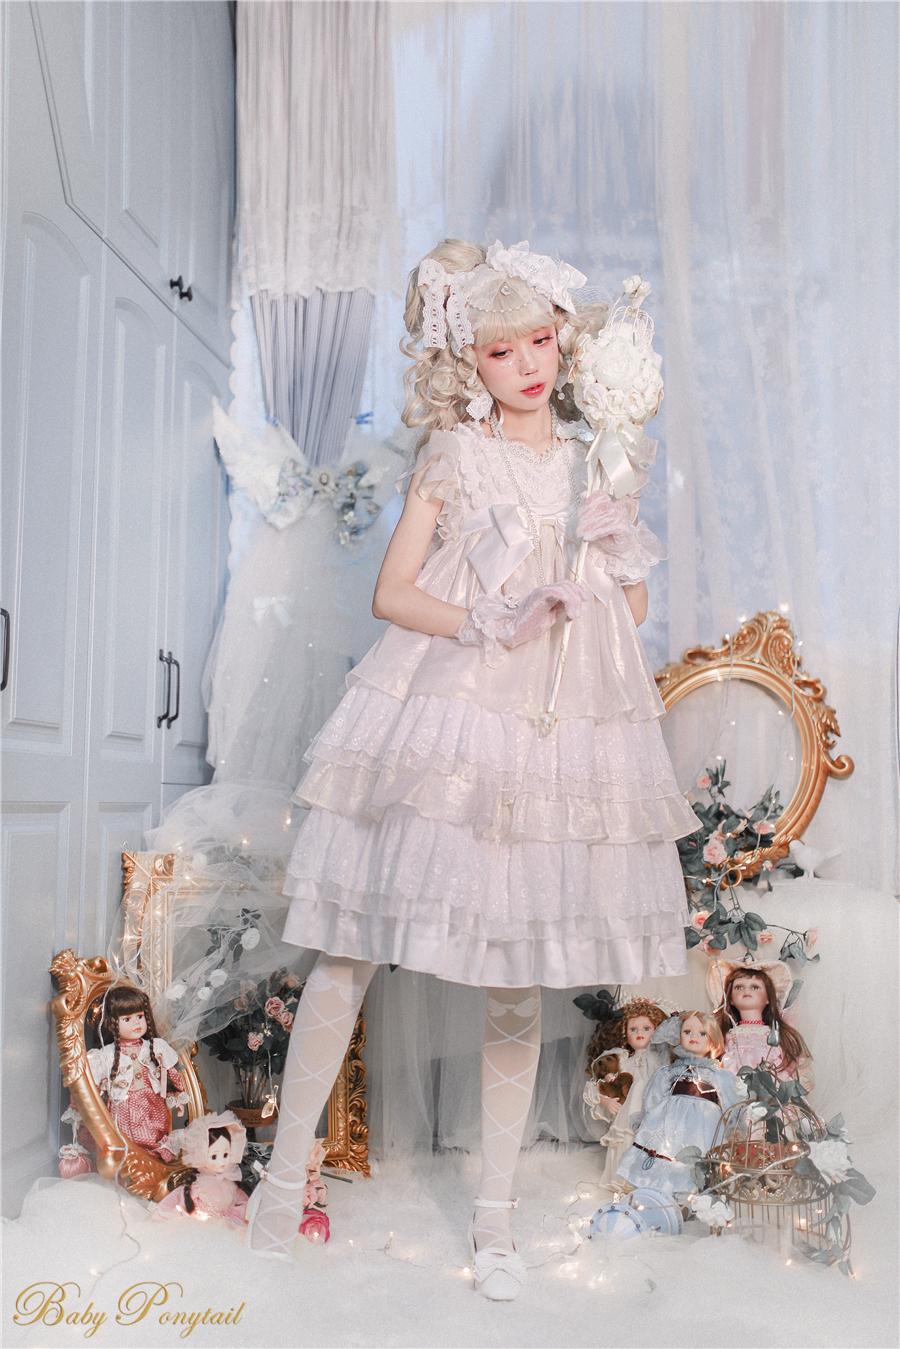 Babyponytail_Model Photo_Present Angel_JSK white_2_Kaka_09.jpg